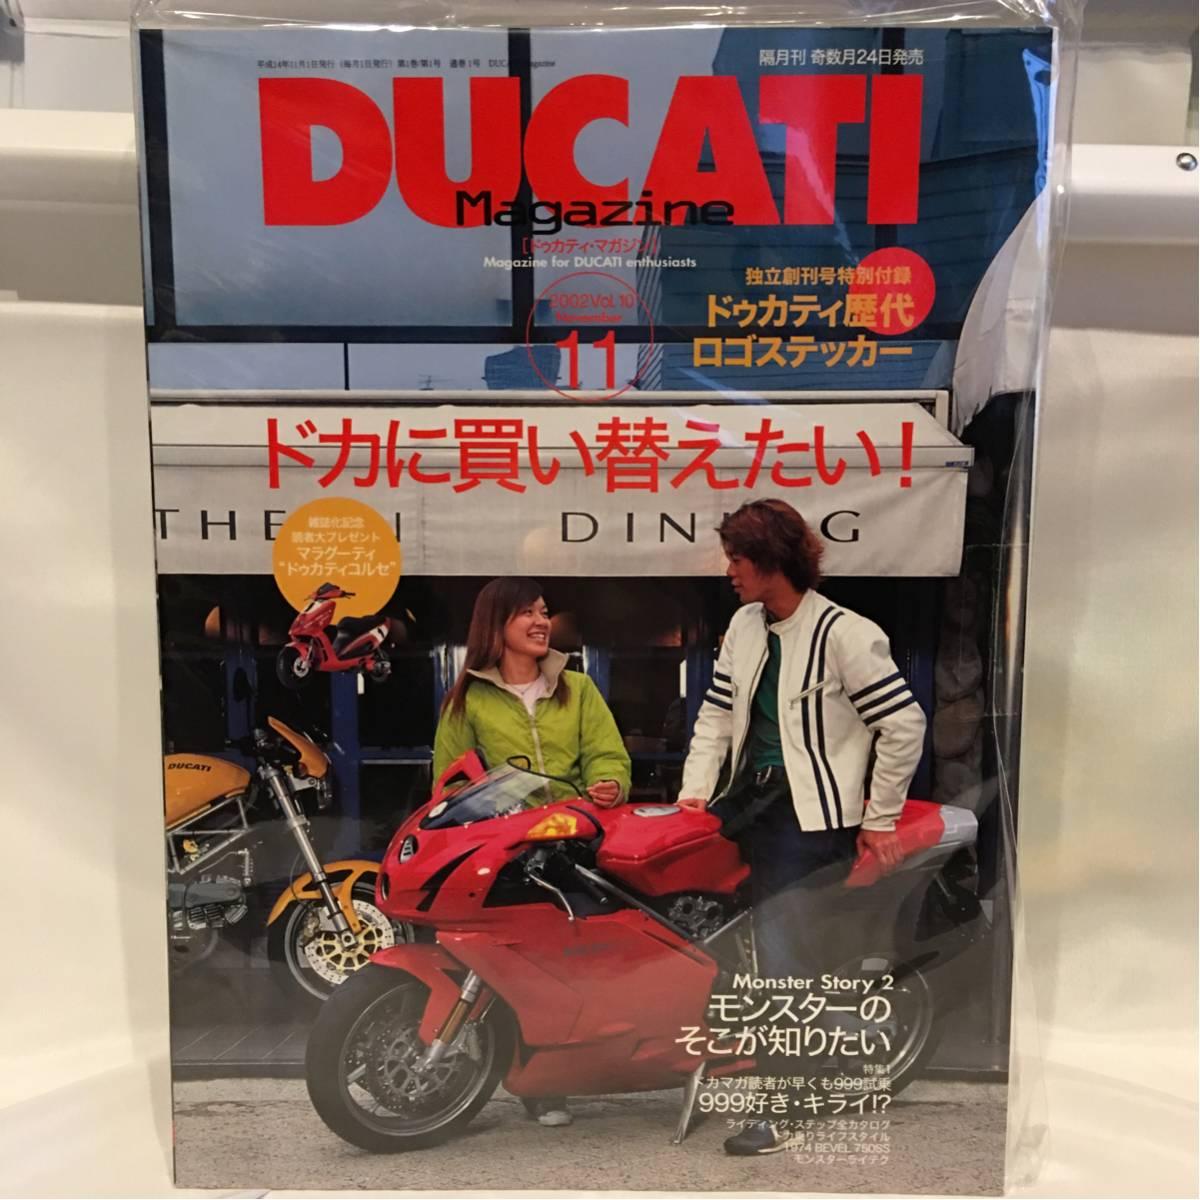 DUCATI Magazine #10 ドゥカティ歴代ロゴ・ステッカー付き エンブレム バイク 本 999 モンスター_画像2